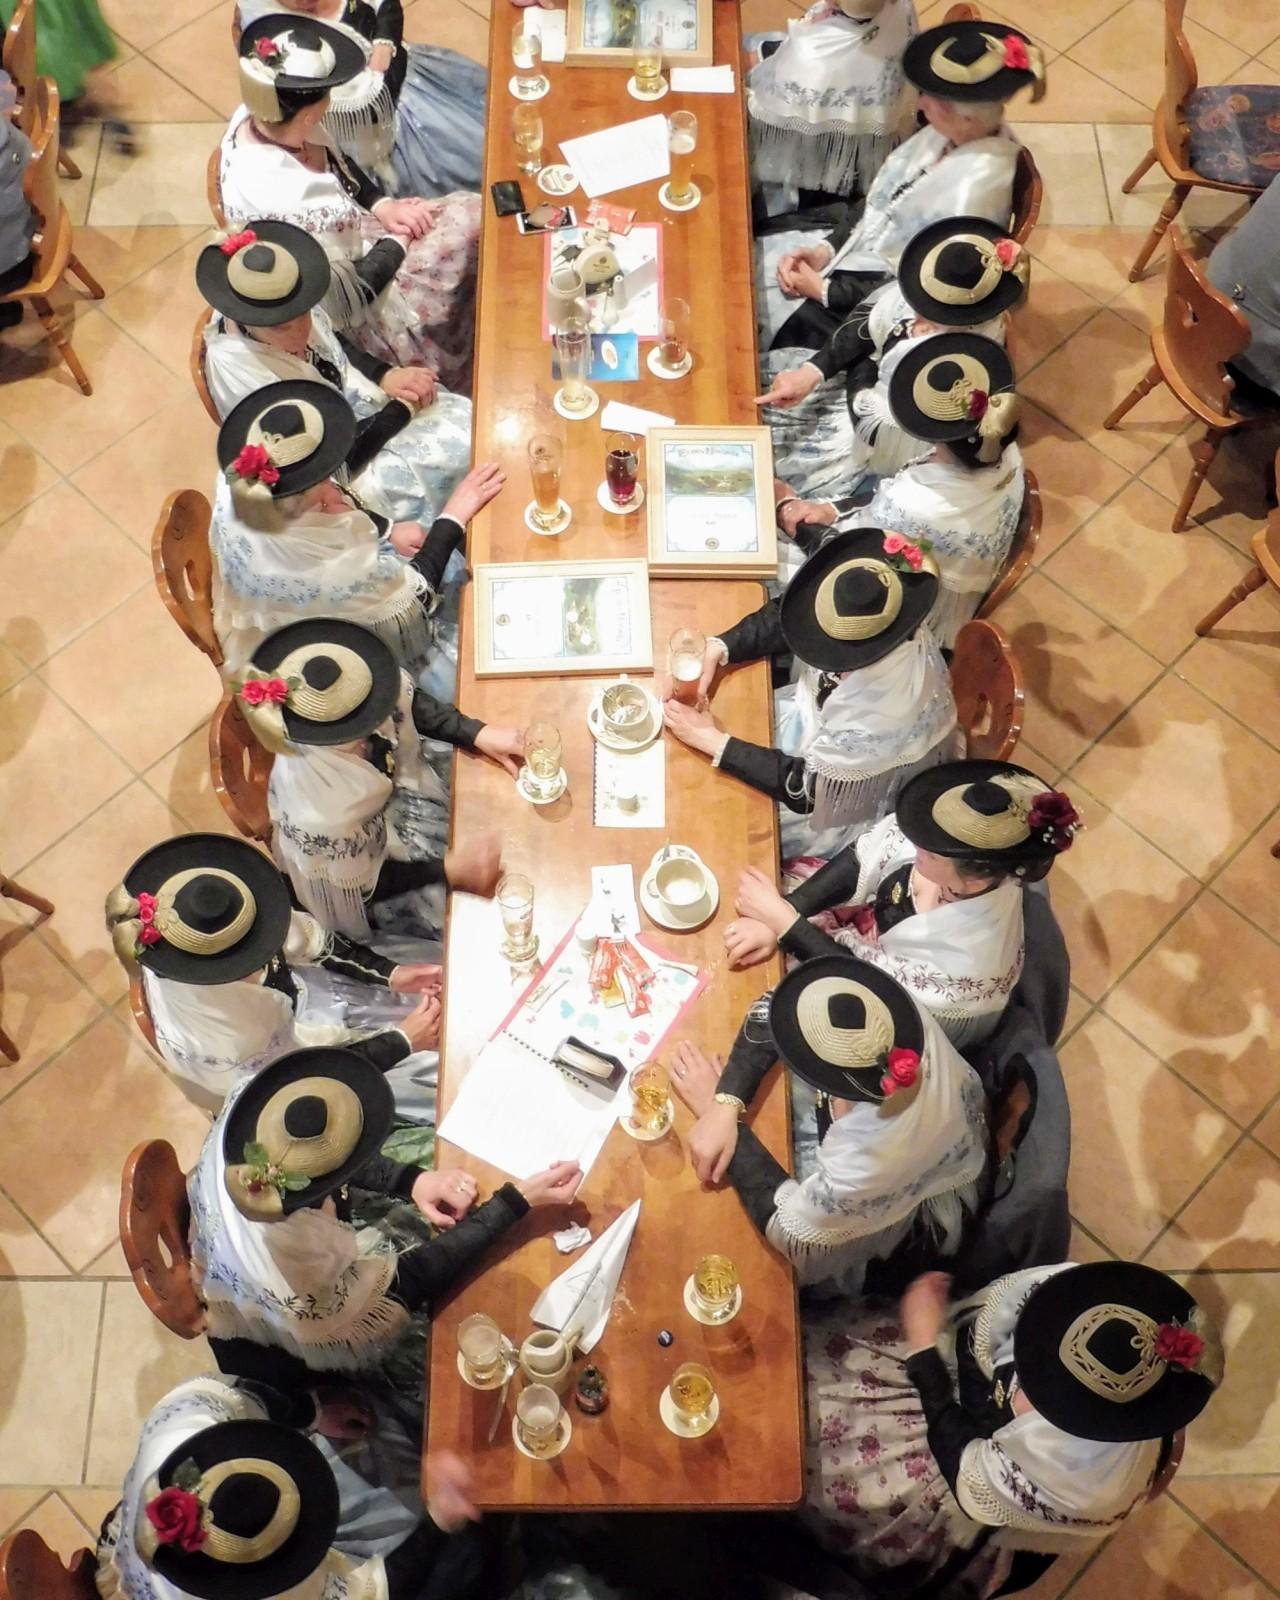 Schnurhuttisch beim Trachtenjahrtag in Wallgau. Trachtlerinnen mit Kirchentracht